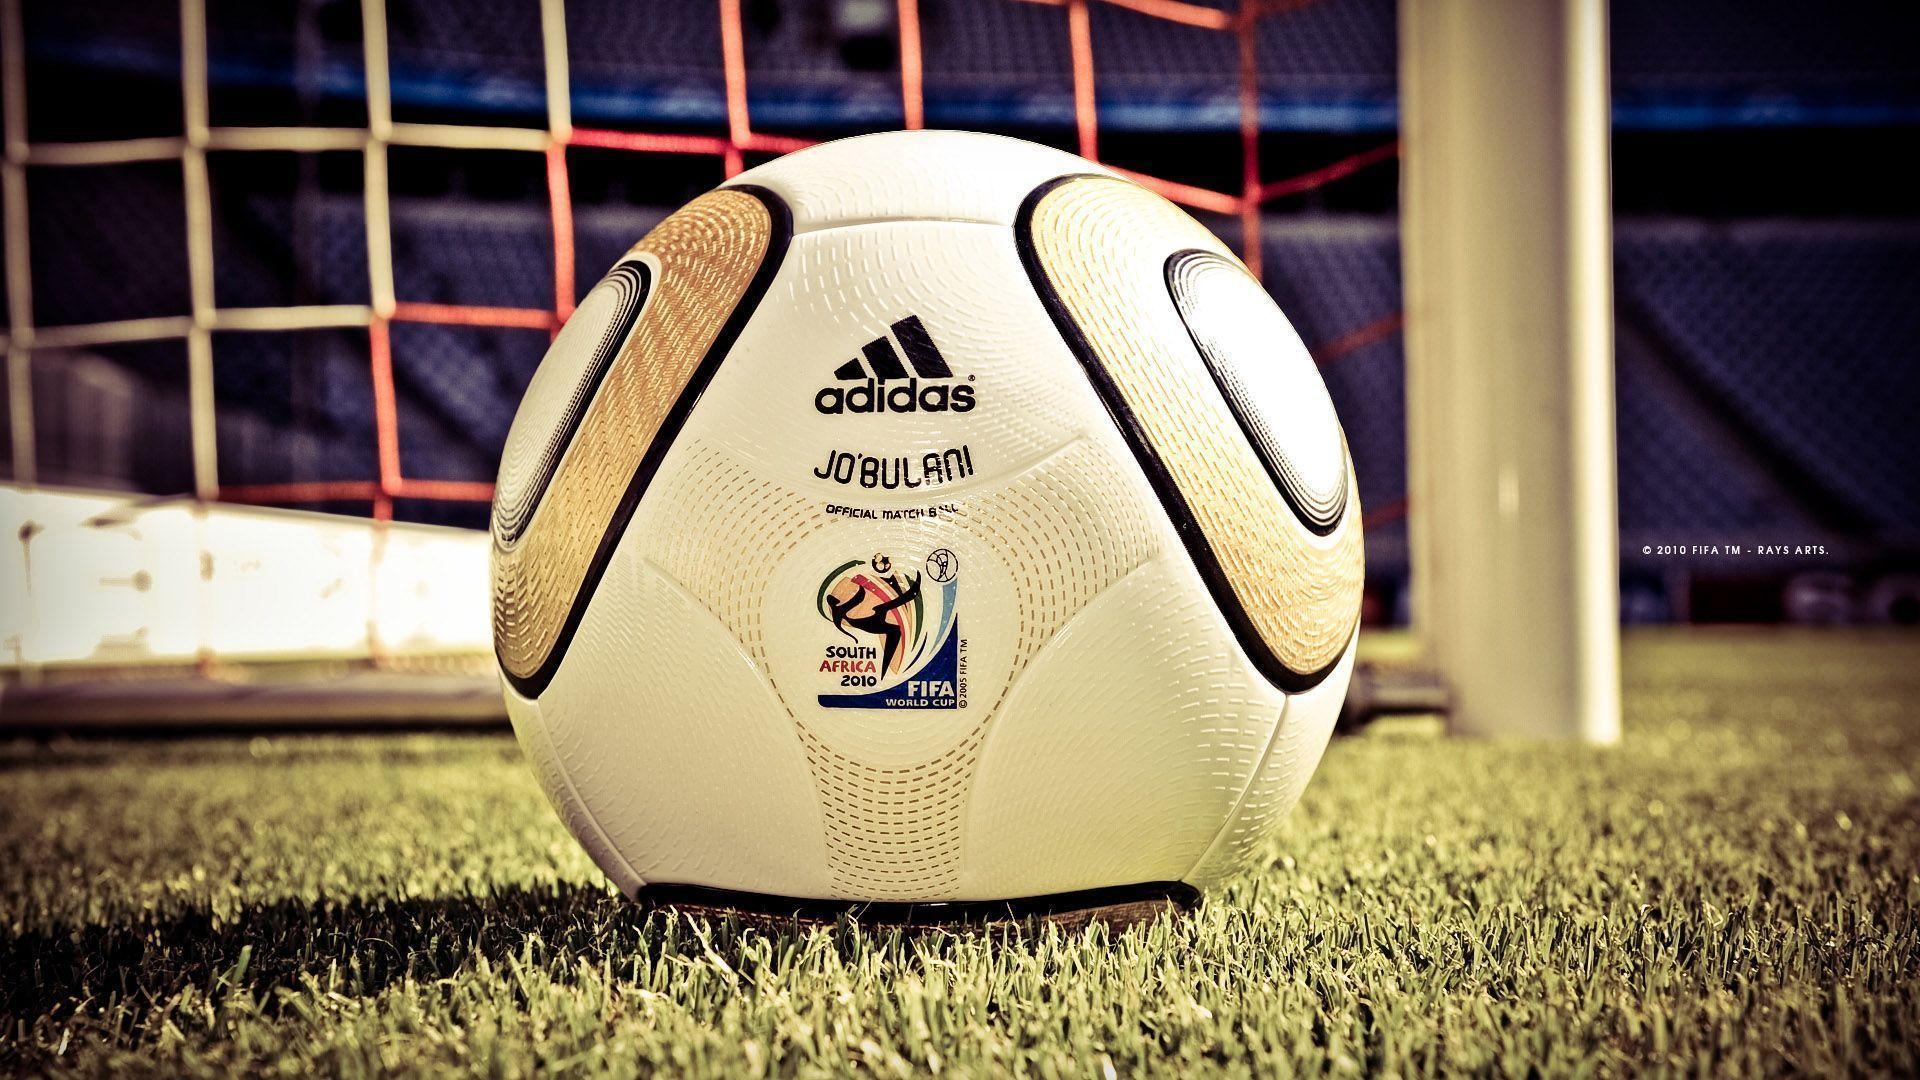 soccer ball wallpaper hd - photo #17